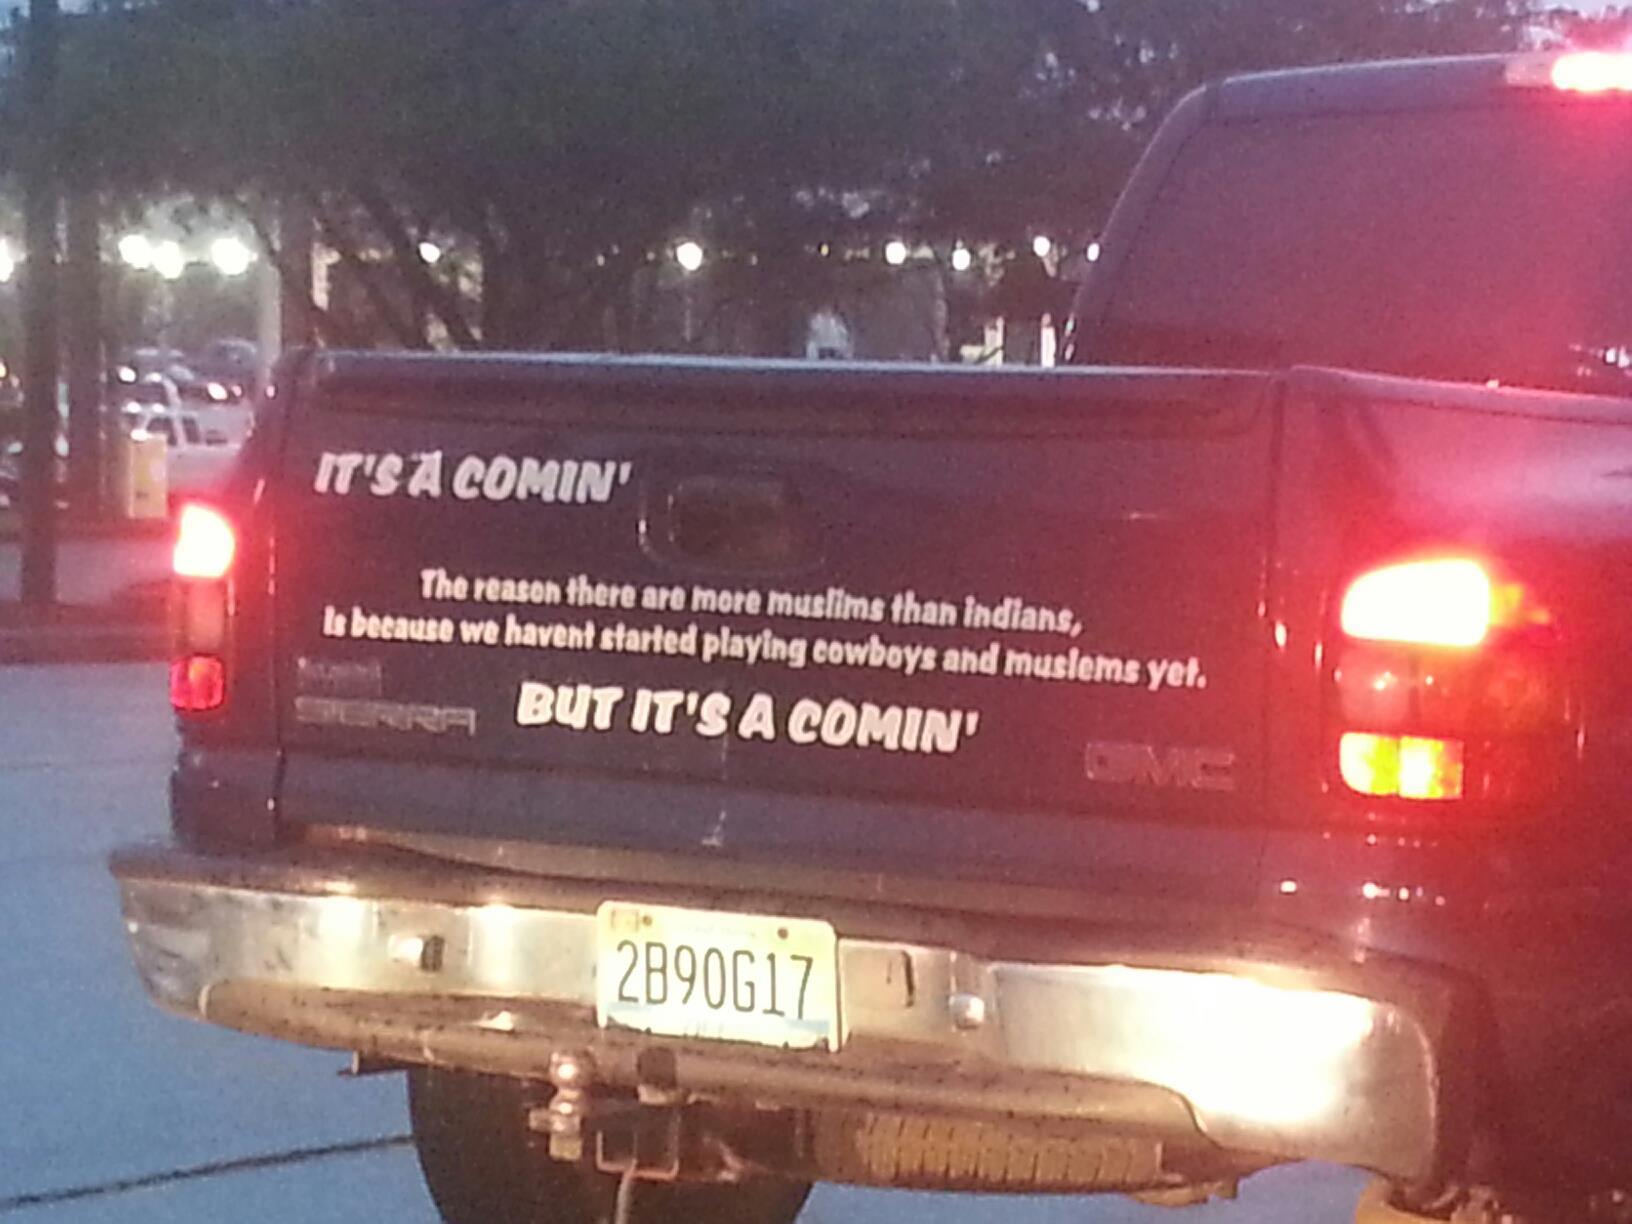 Cowboysandmuslims